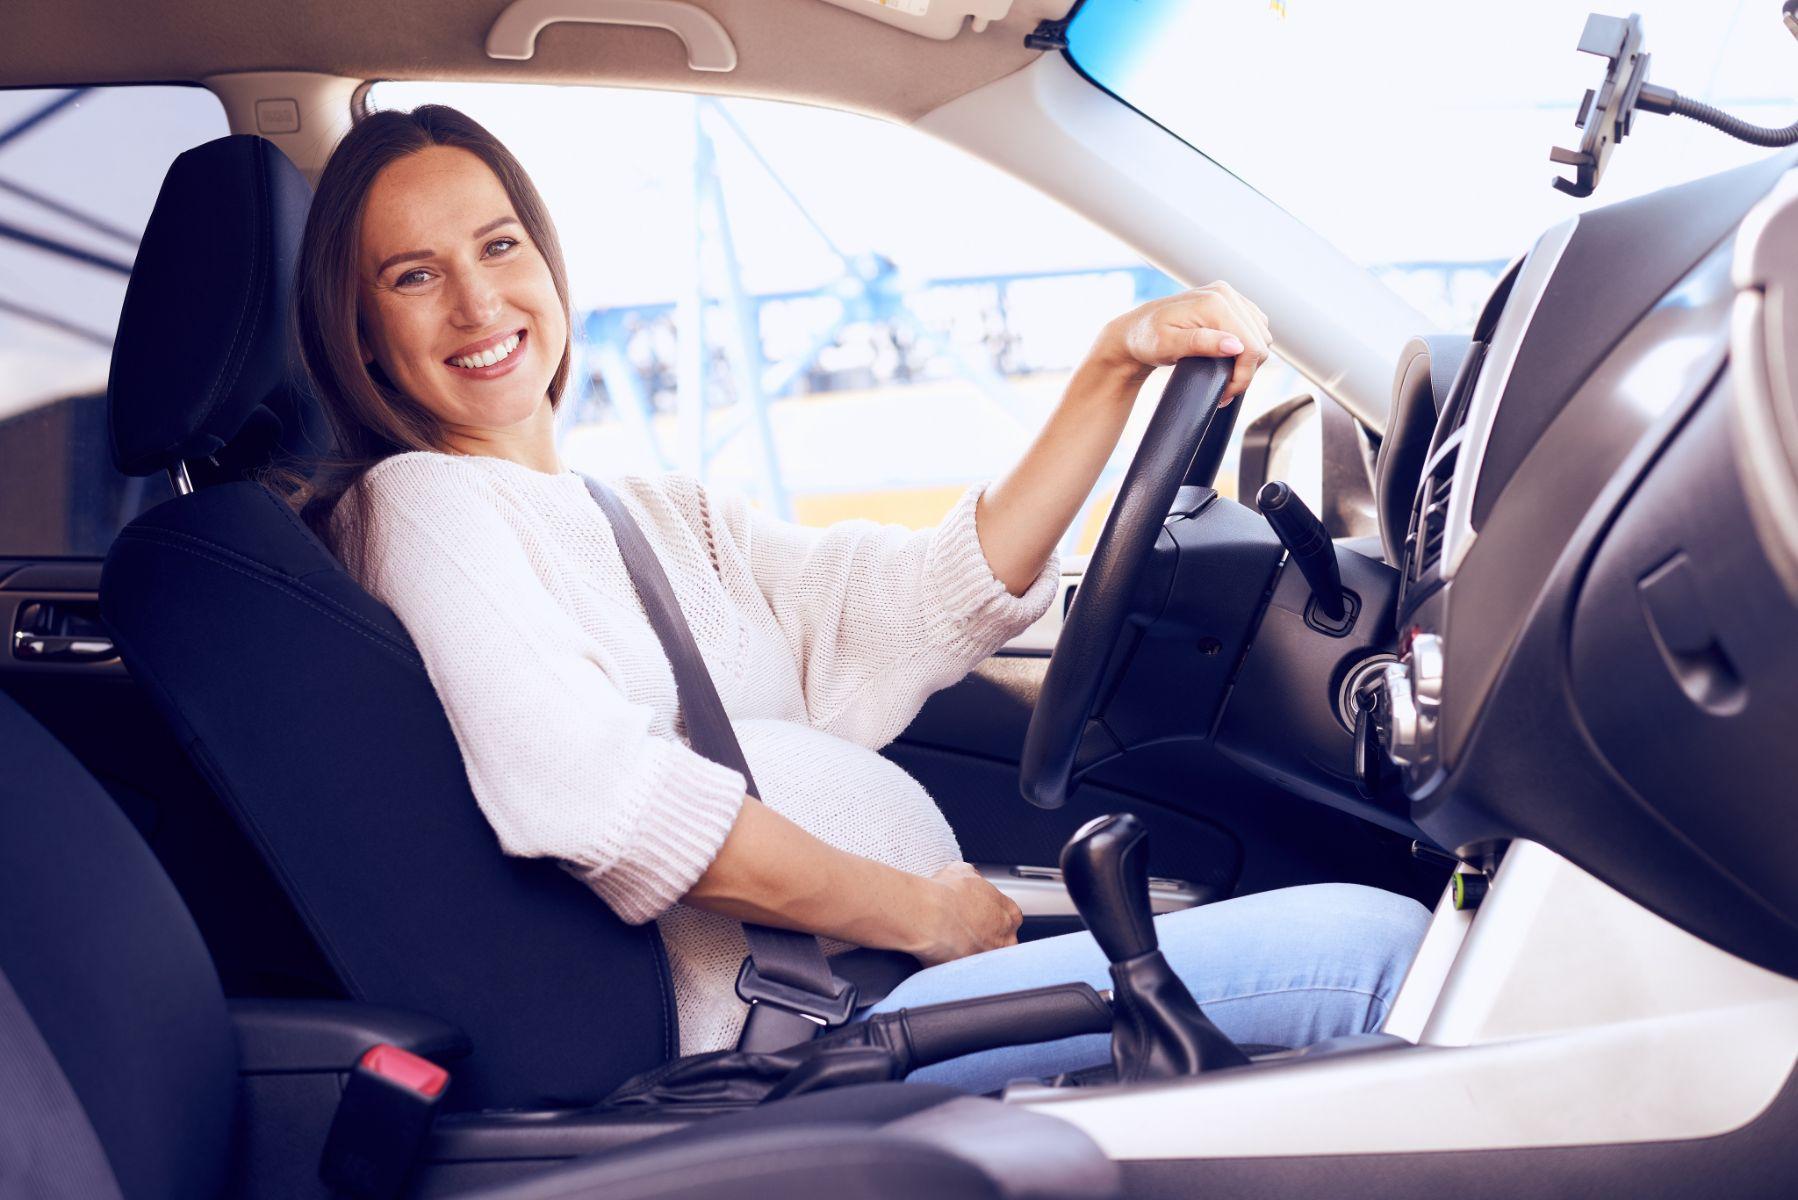 Mujer sonriente con cinturon de seguridad